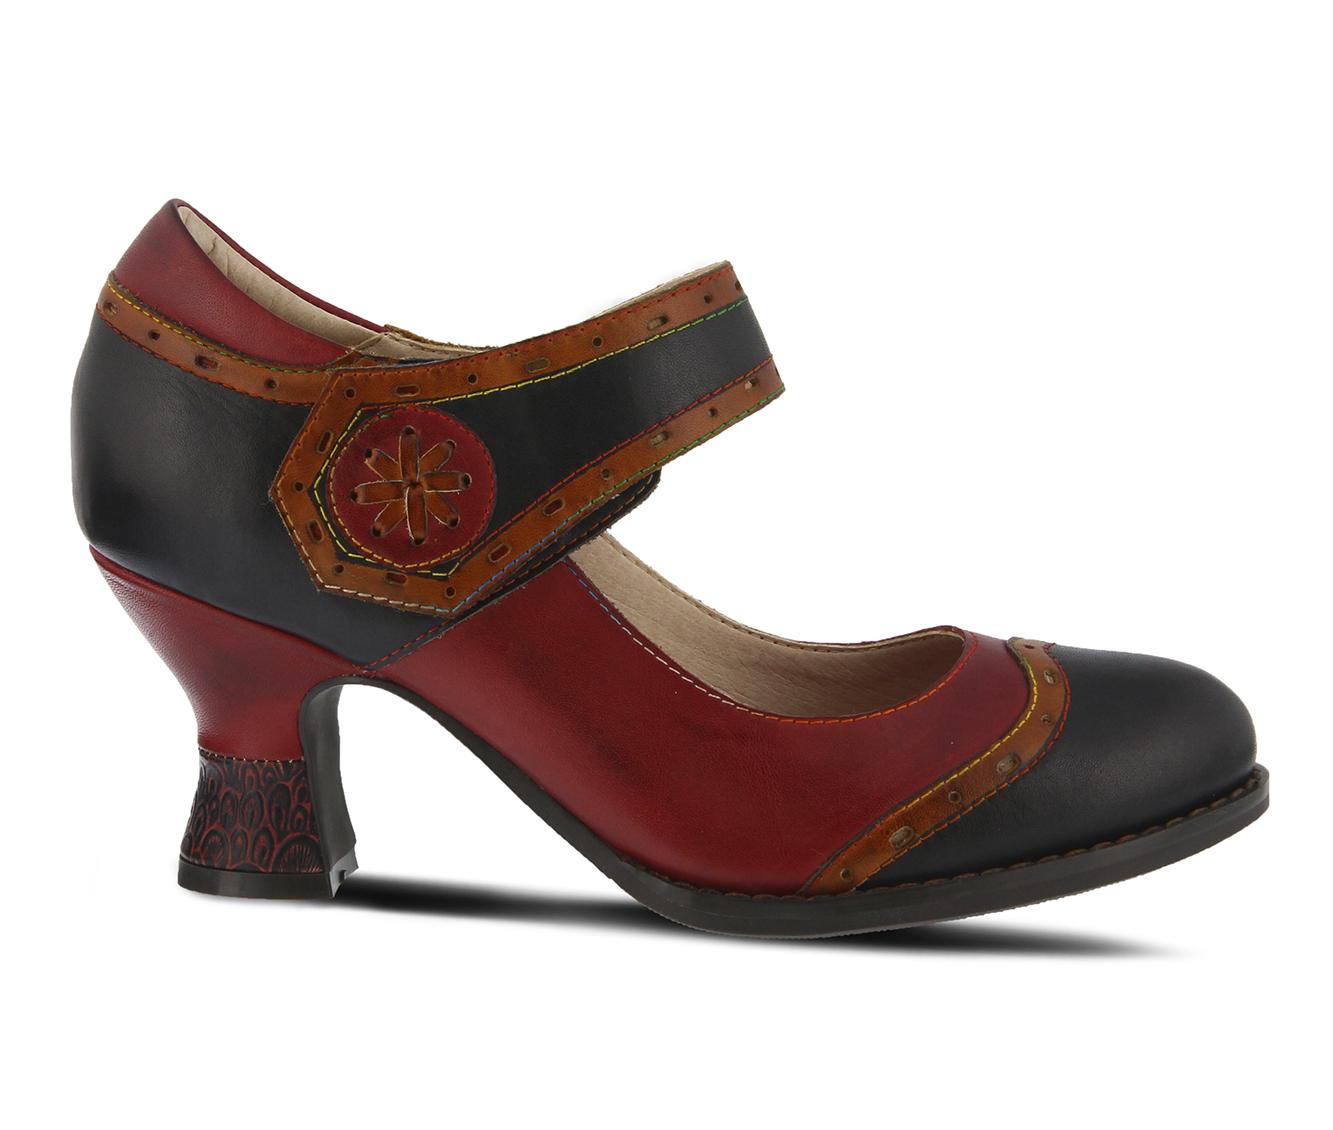 L'Artiste Maryellen Women's Dress Shoe (Black Leather)